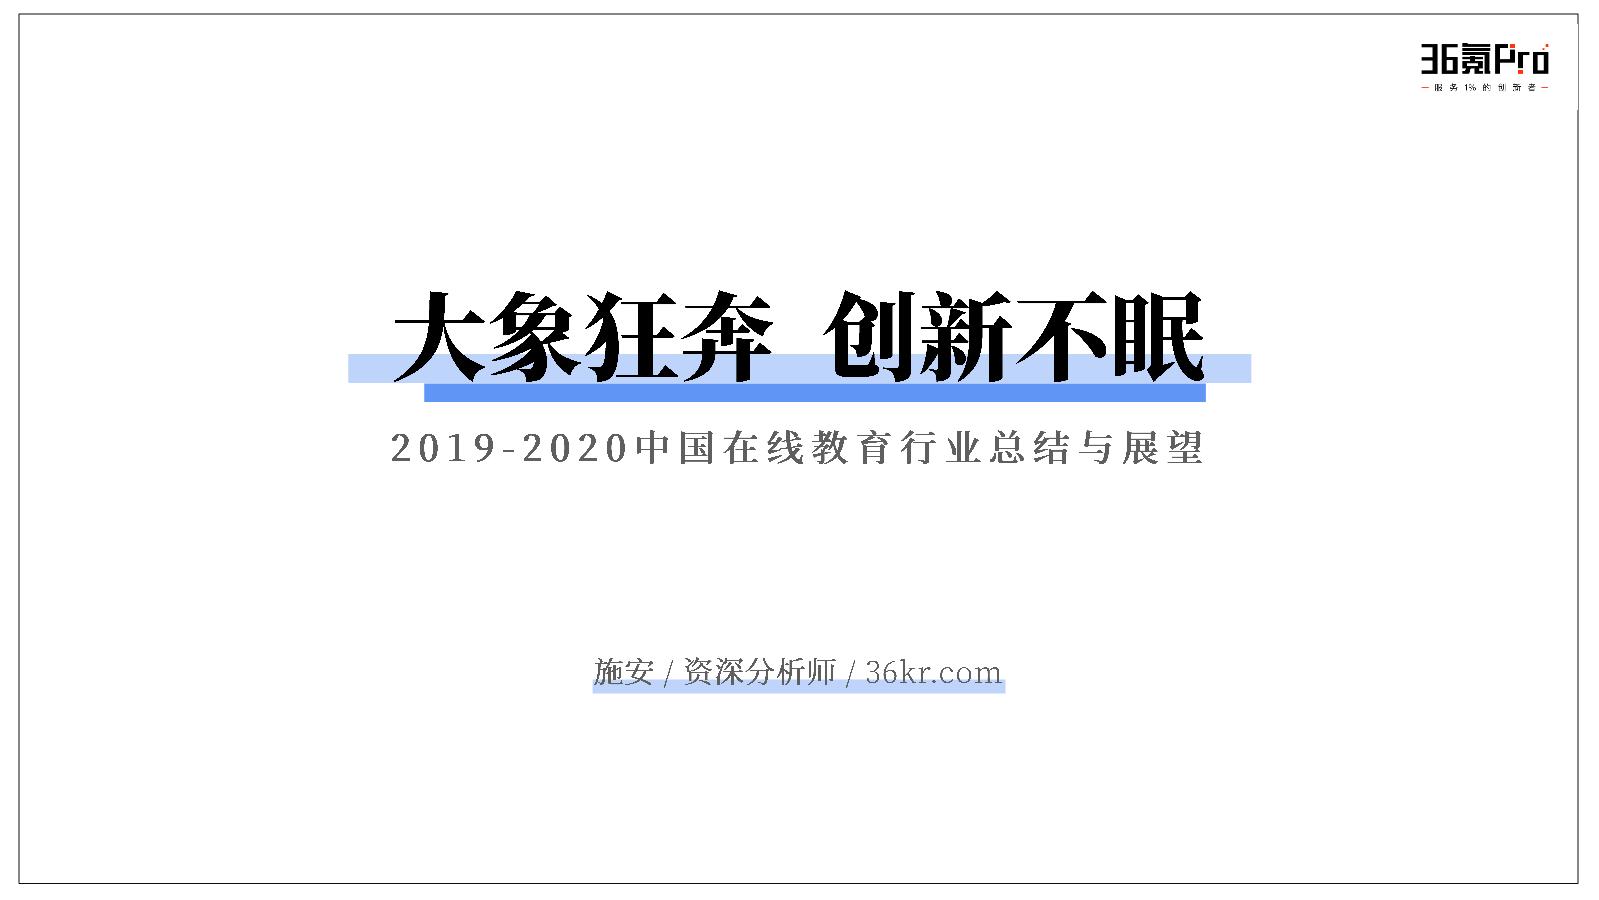 施字-2019至2020中国在线教育行业总结与展望